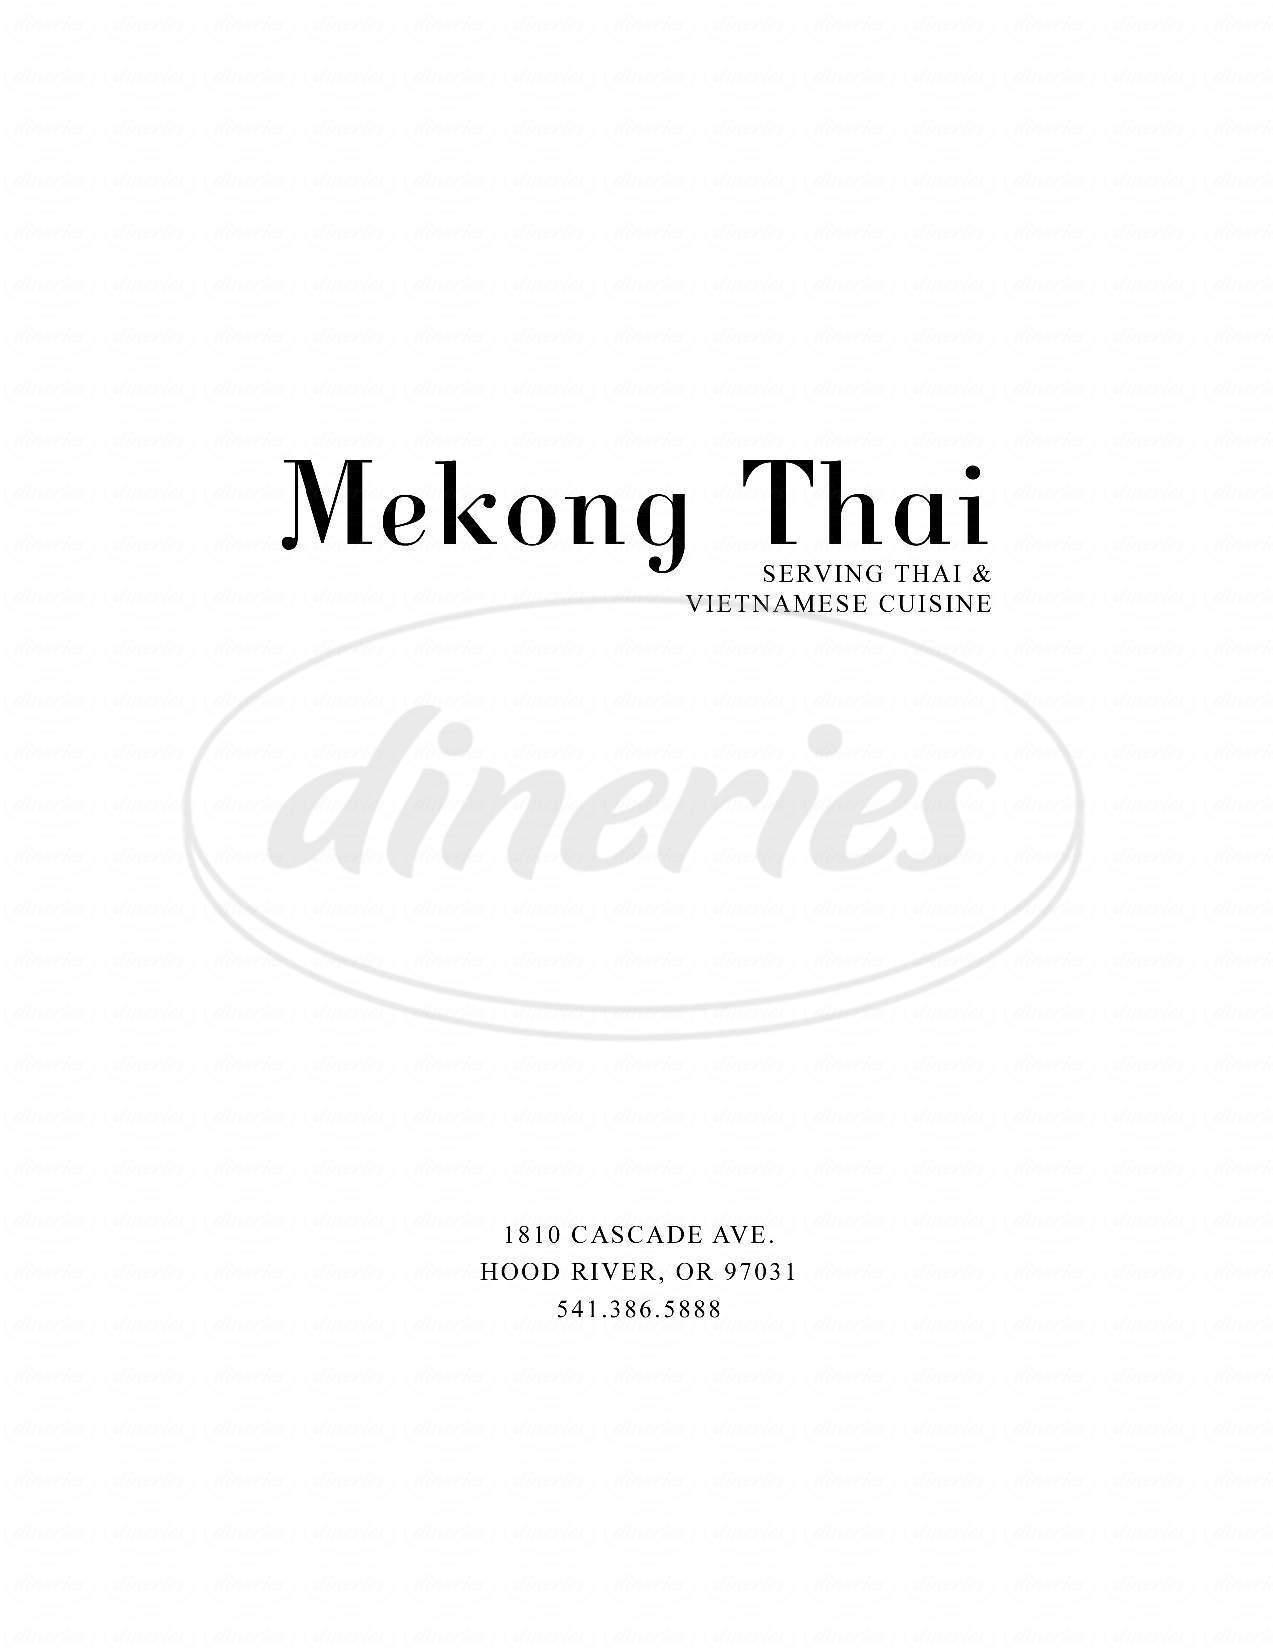 menu for Mekong Thai